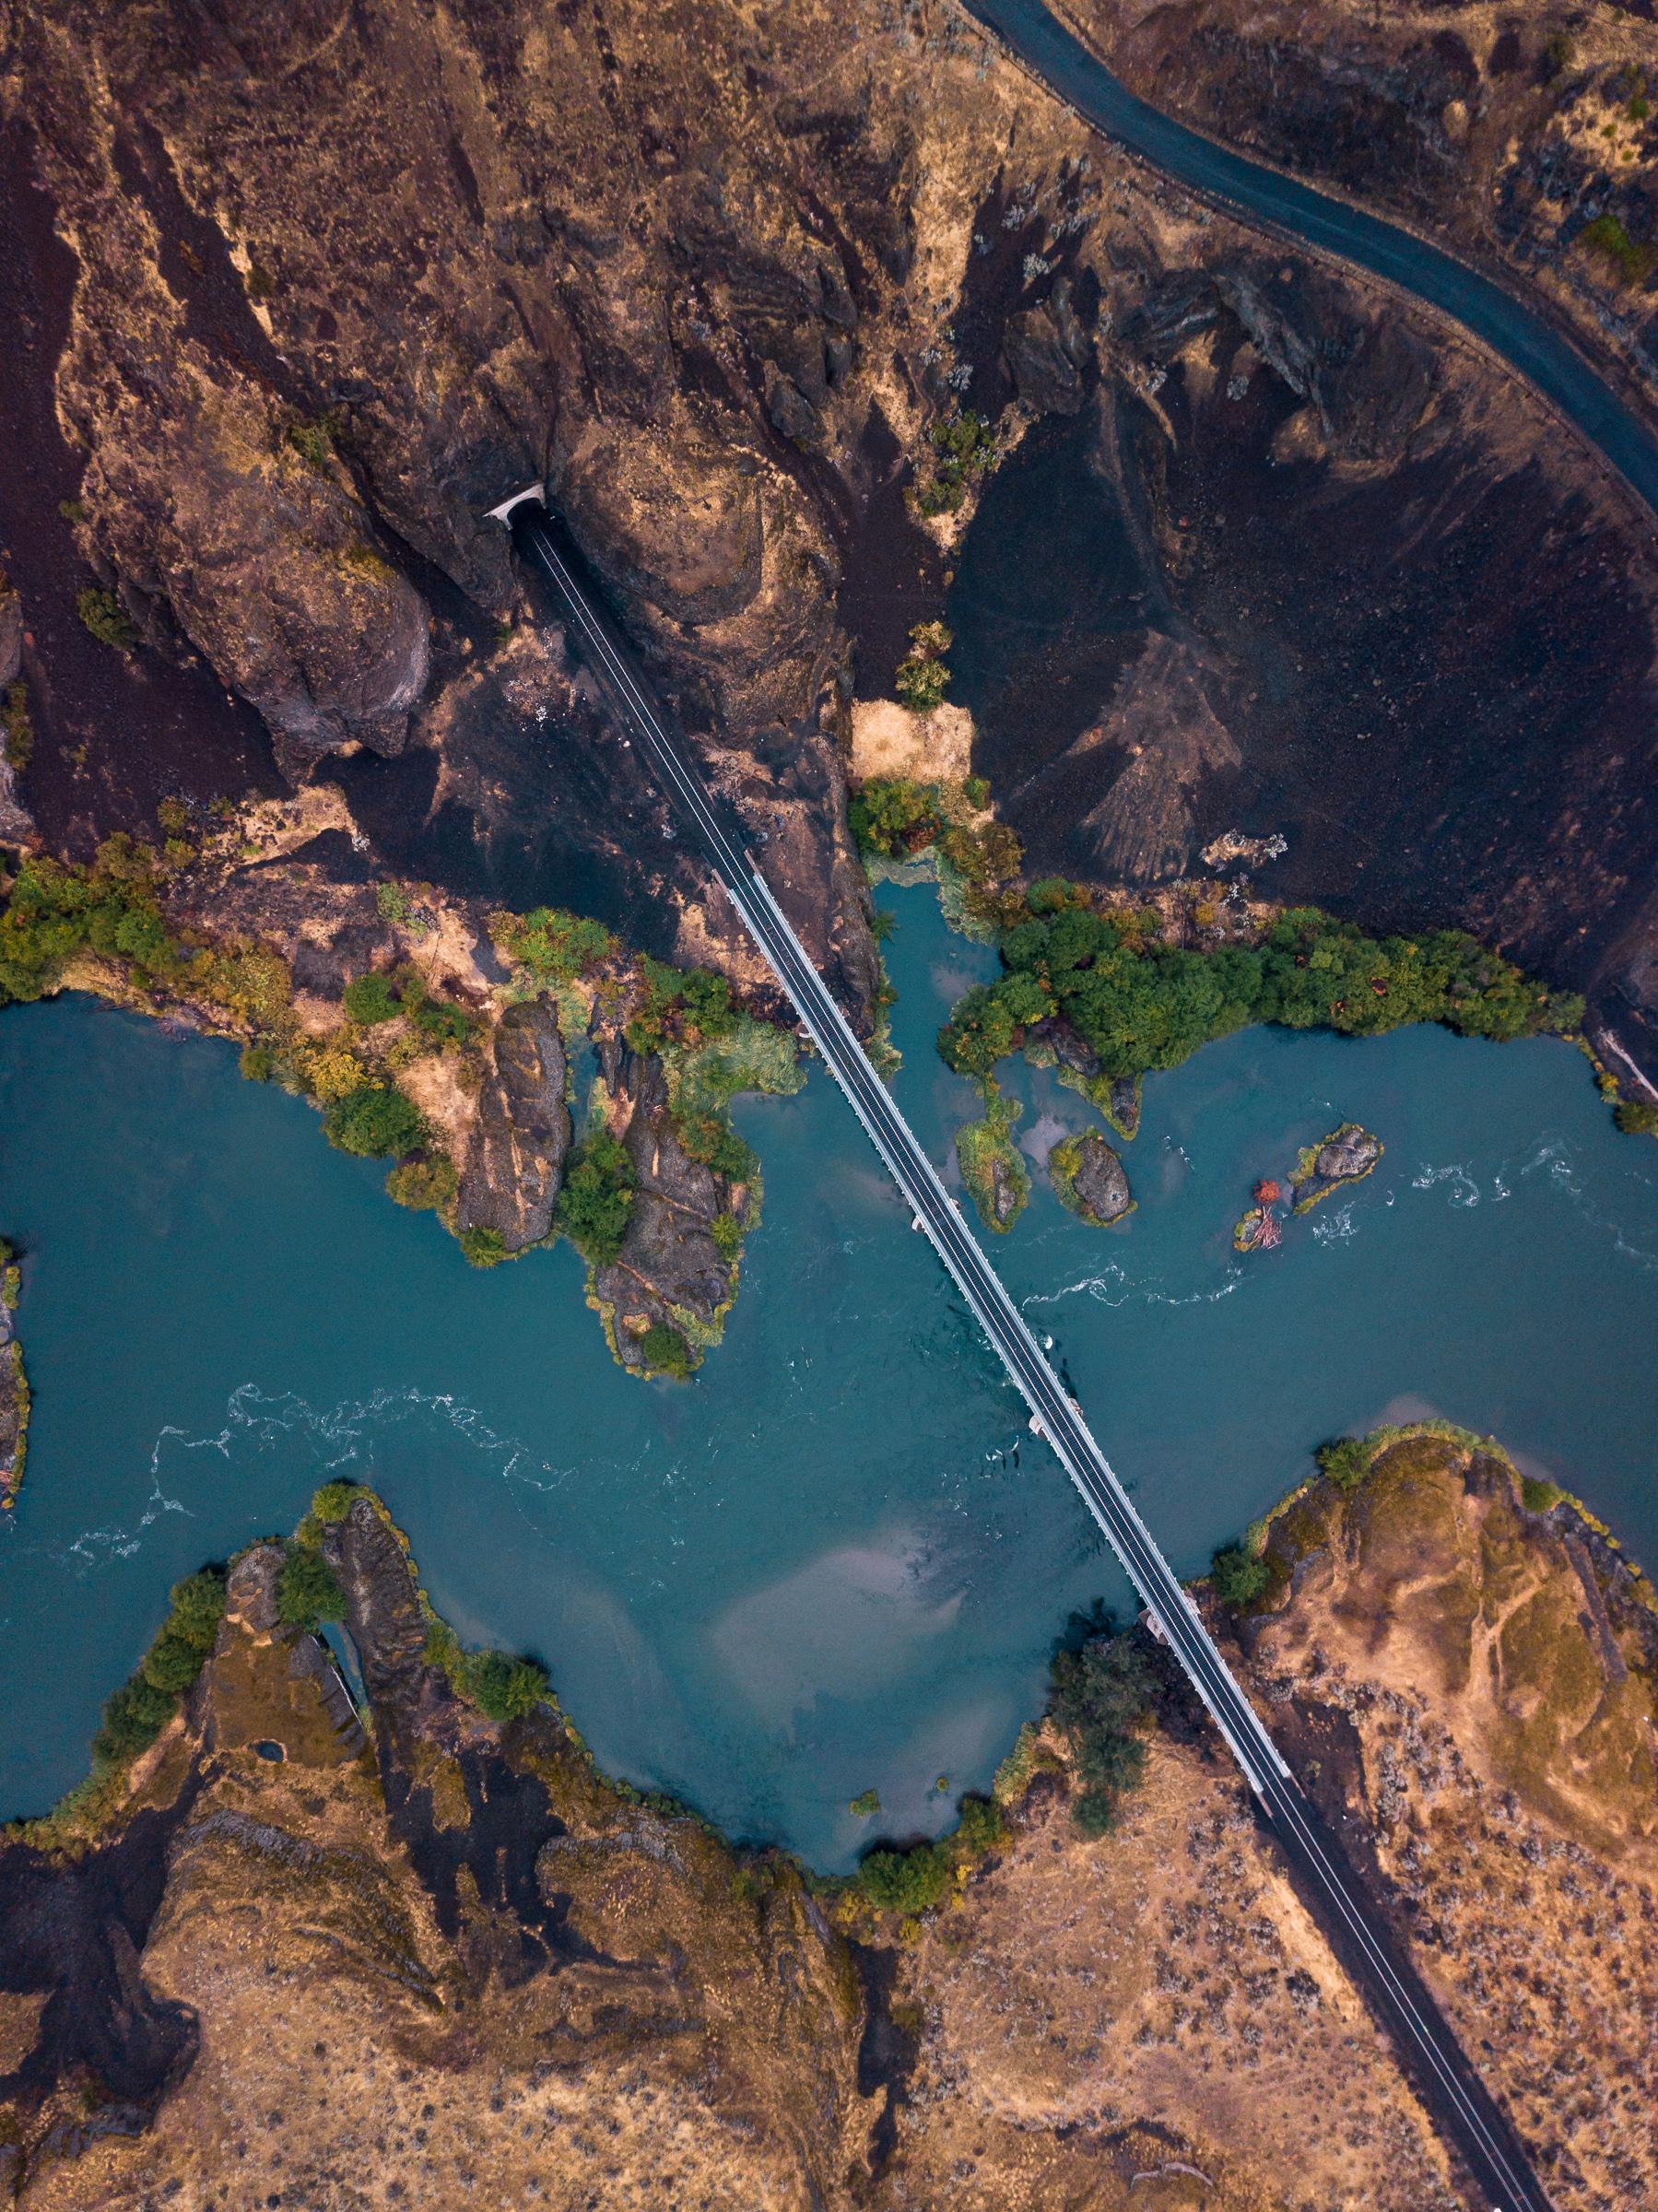 railroadmountainsstraightdowndiag_typoland_aerial-1.jpg